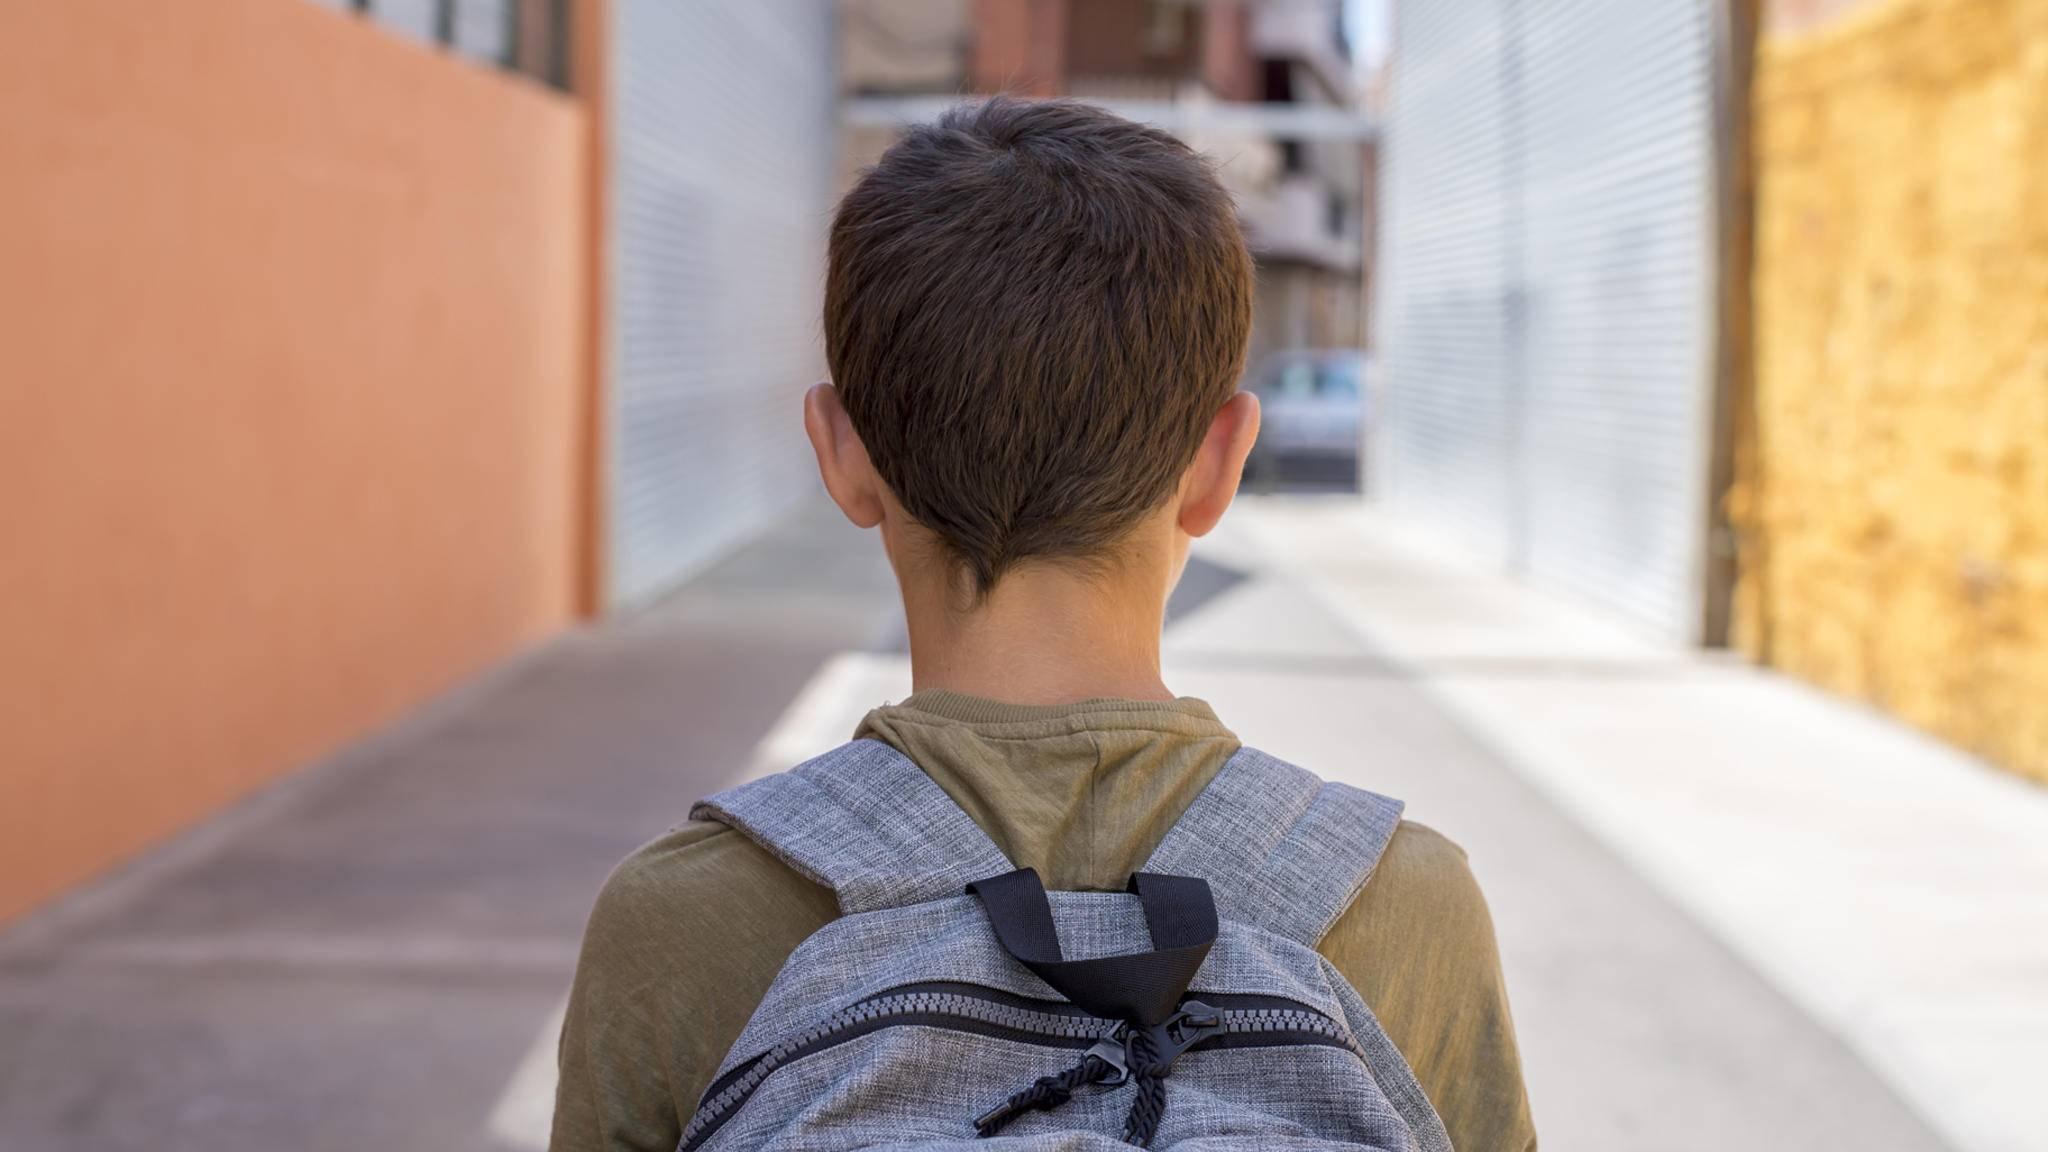 Der Dyson-Rucksack soll die Luftqualität zwischen dem Zuhause und der Schule messen.